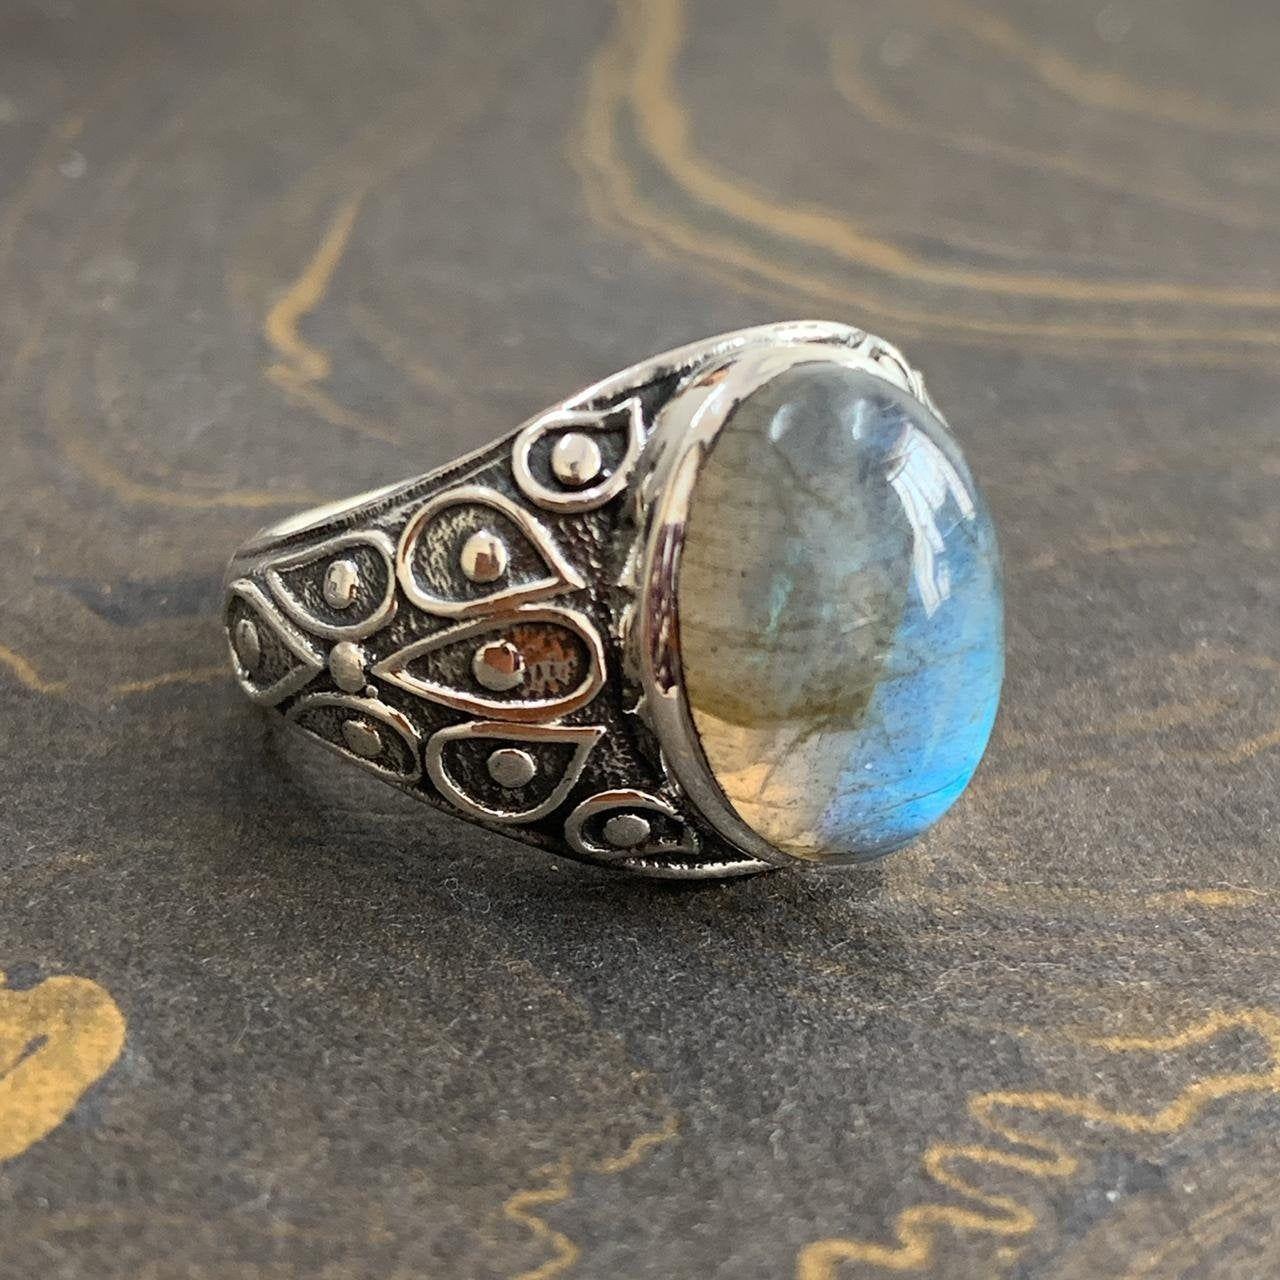 Labradorite ring-silver ring-gemstone ring-handmade ring for men and women-beautiful ring